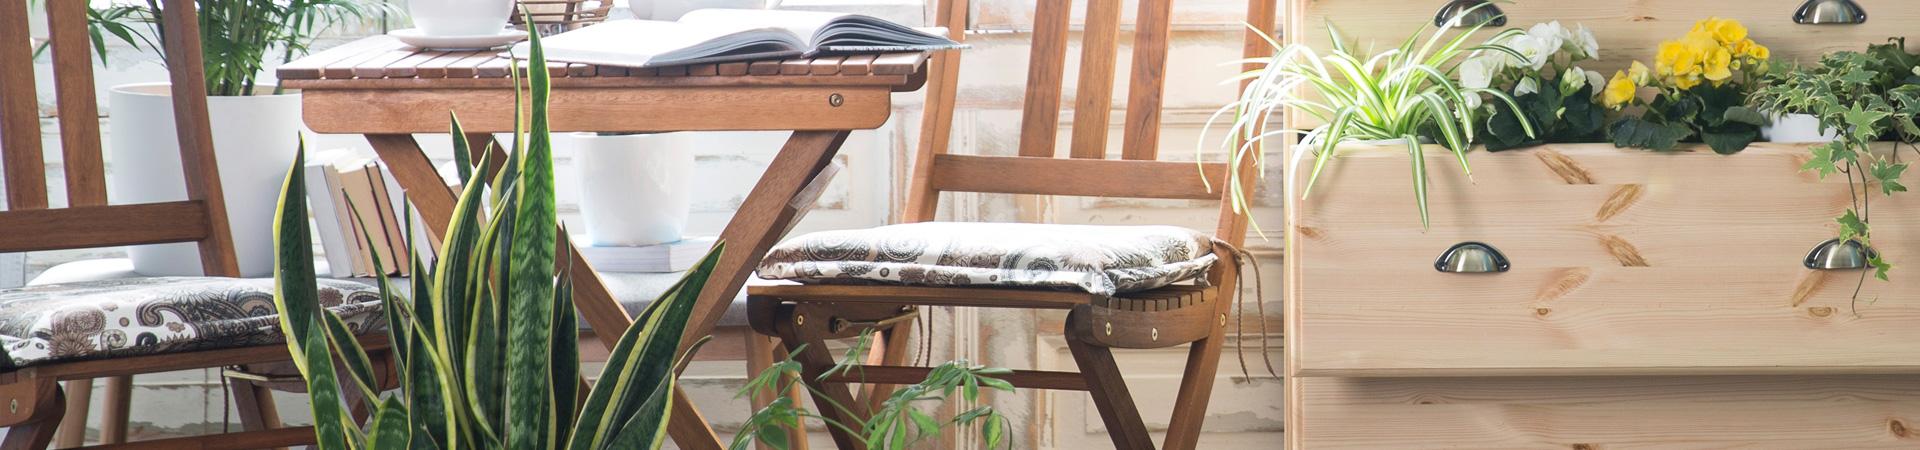 Krēslu paliktņi